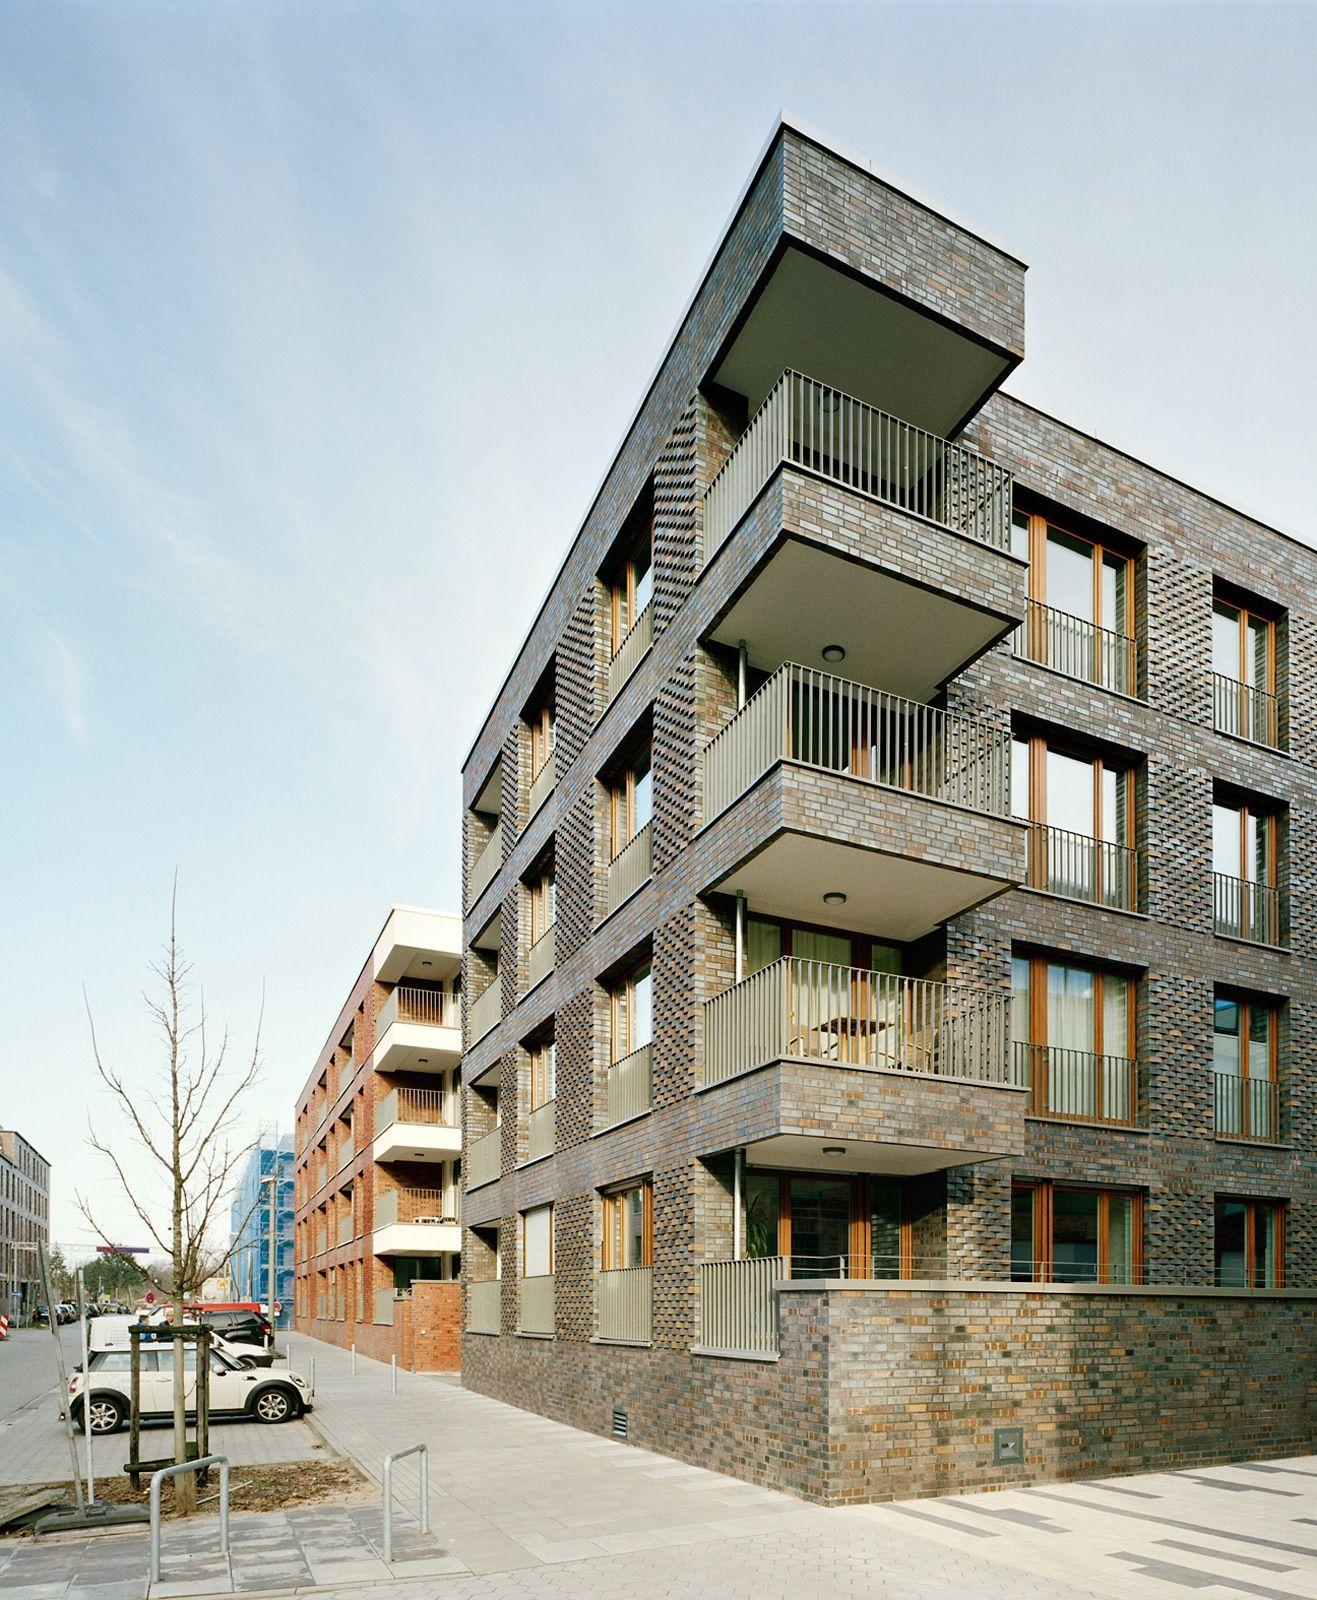 dorfm ller i klier hamburg balconies pinterest wohnungsbau architektur und bau. Black Bedroom Furniture Sets. Home Design Ideas